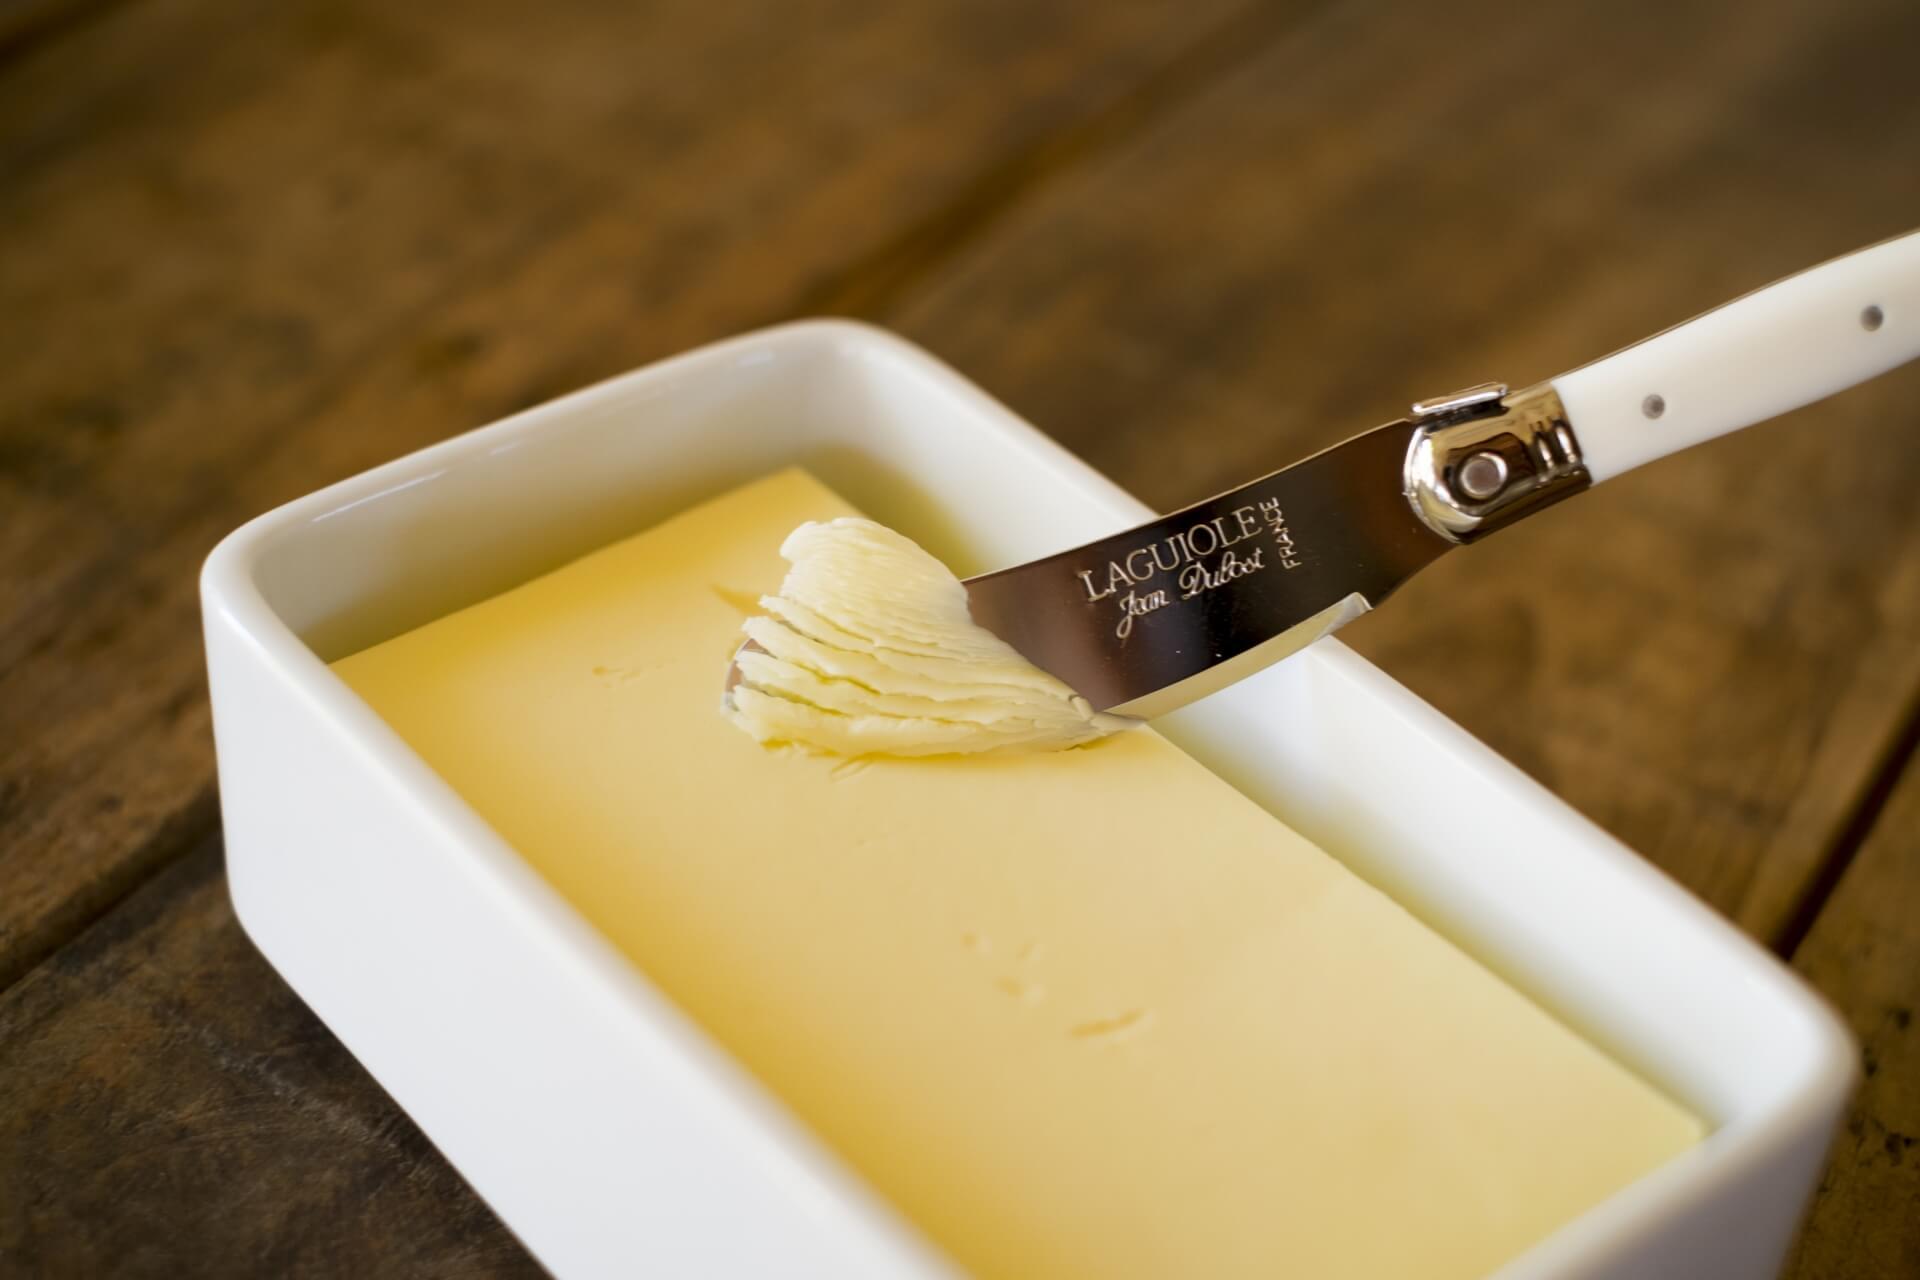 バターの賞味期限はどれくらい?開封後と未開封の違いは?保存についても!